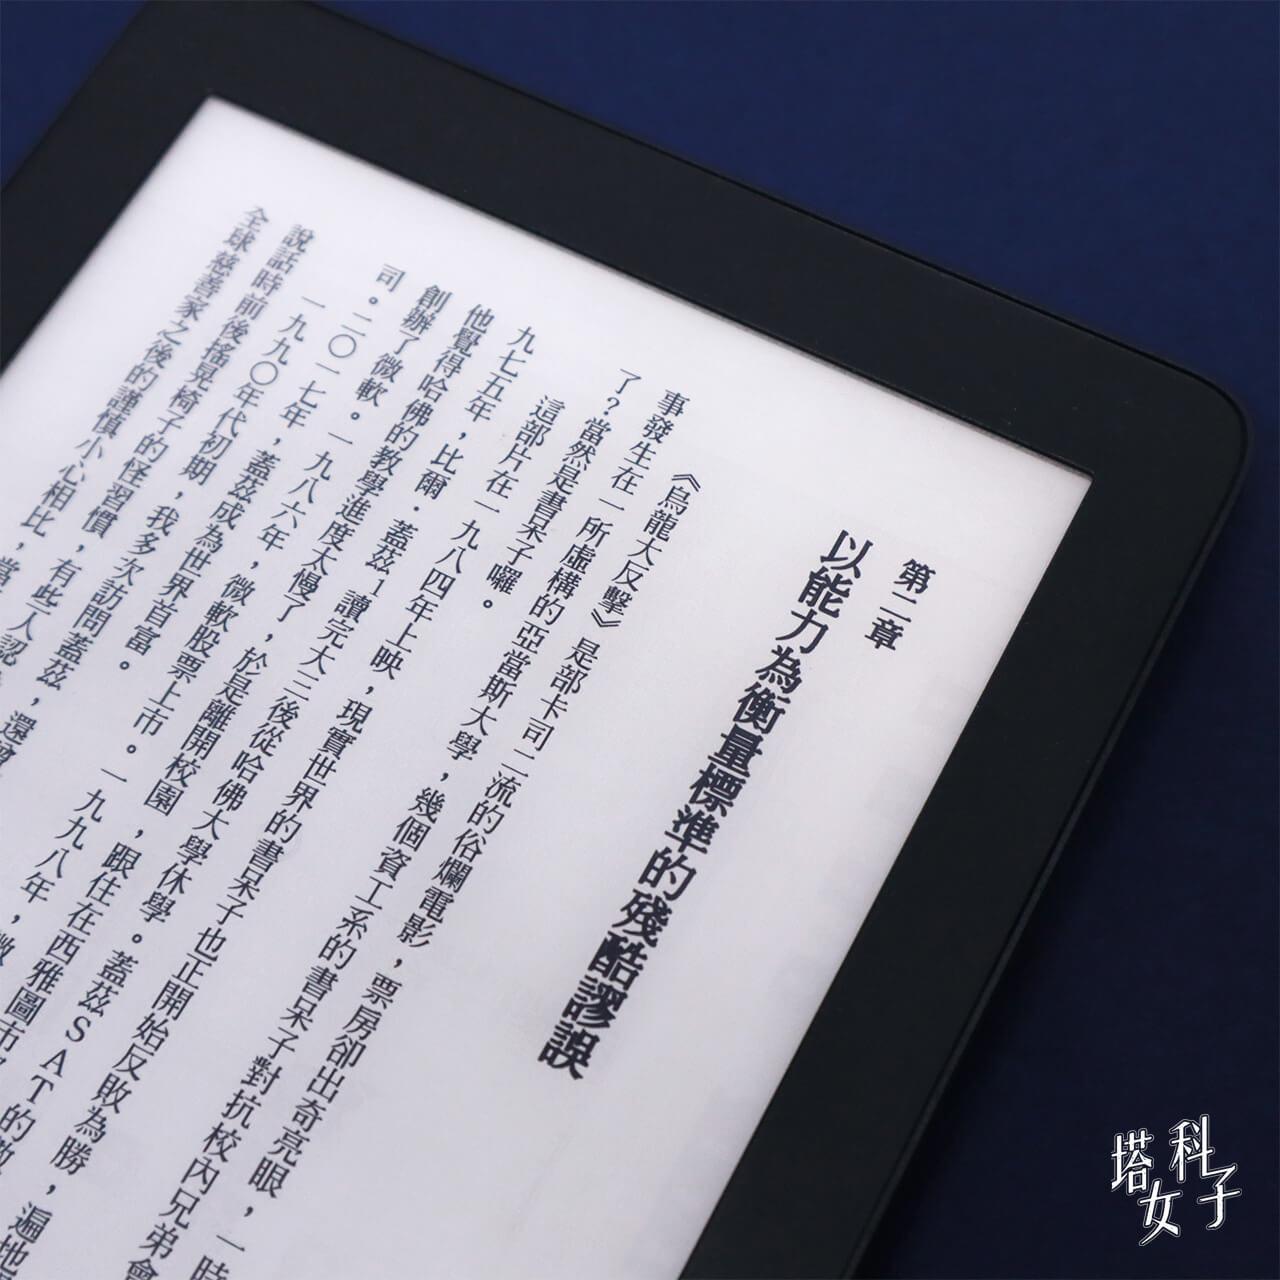 Mobiscribe 電子筆記本/閱讀器 閱讀體驗